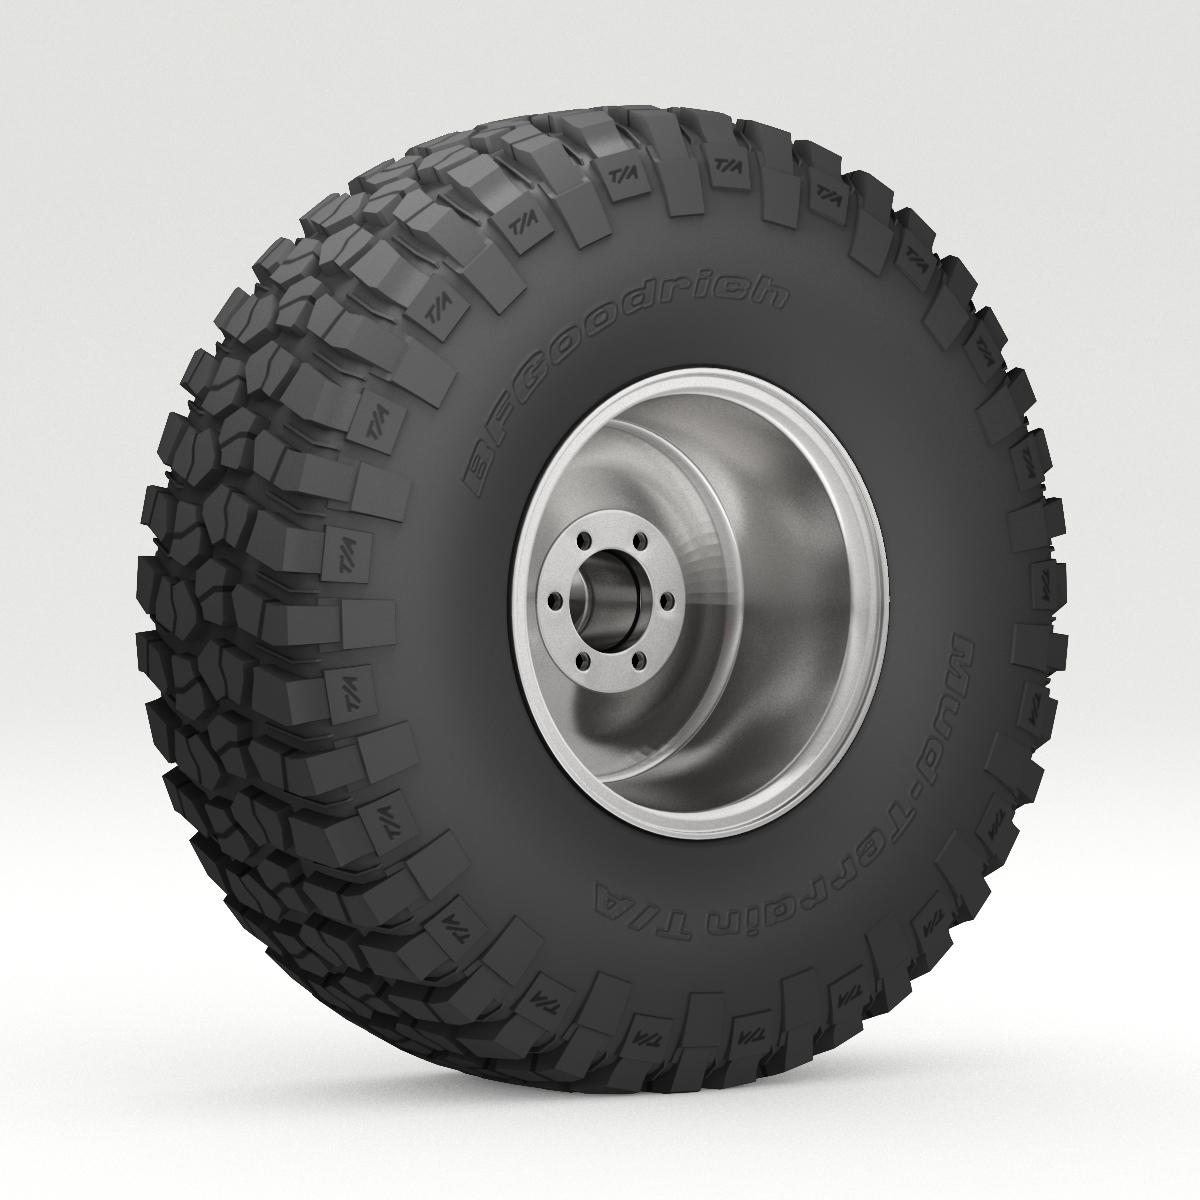 off road wheel and tire 6 3d model 3ds max fbx obj 273553